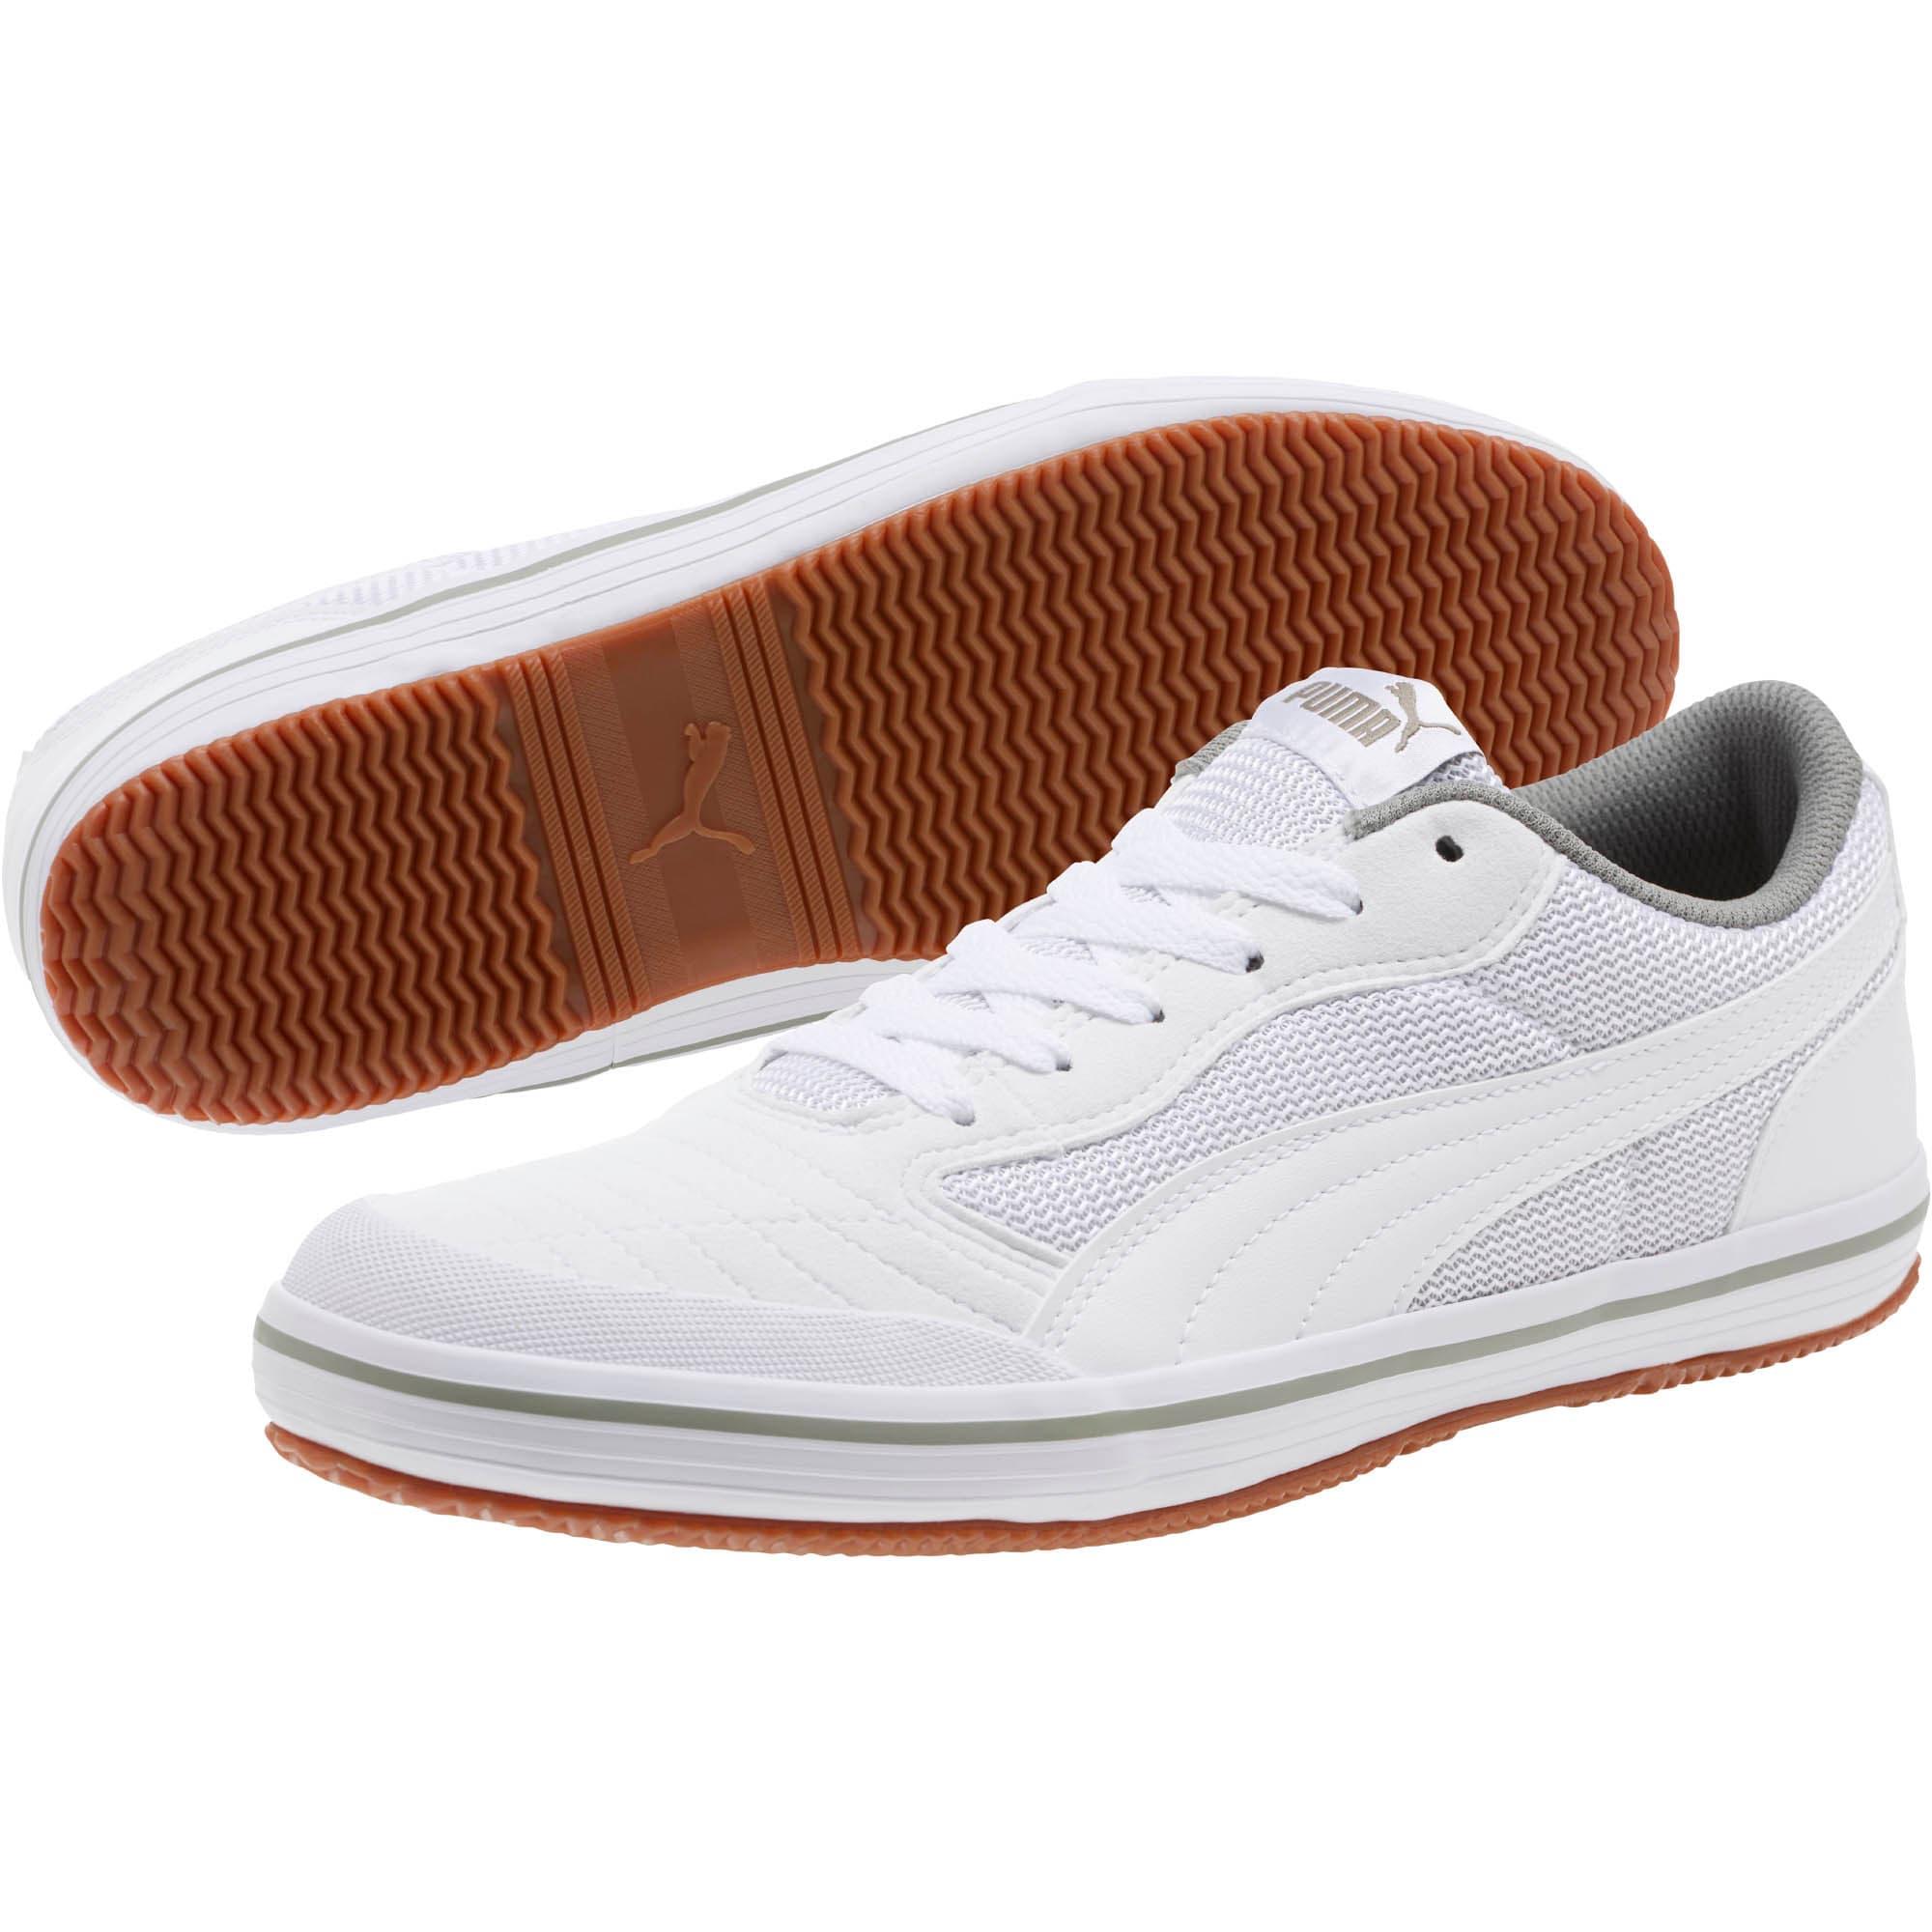 Thumbnail 2 of Astro Sala Sneakers, Puma White-Puma White, medium